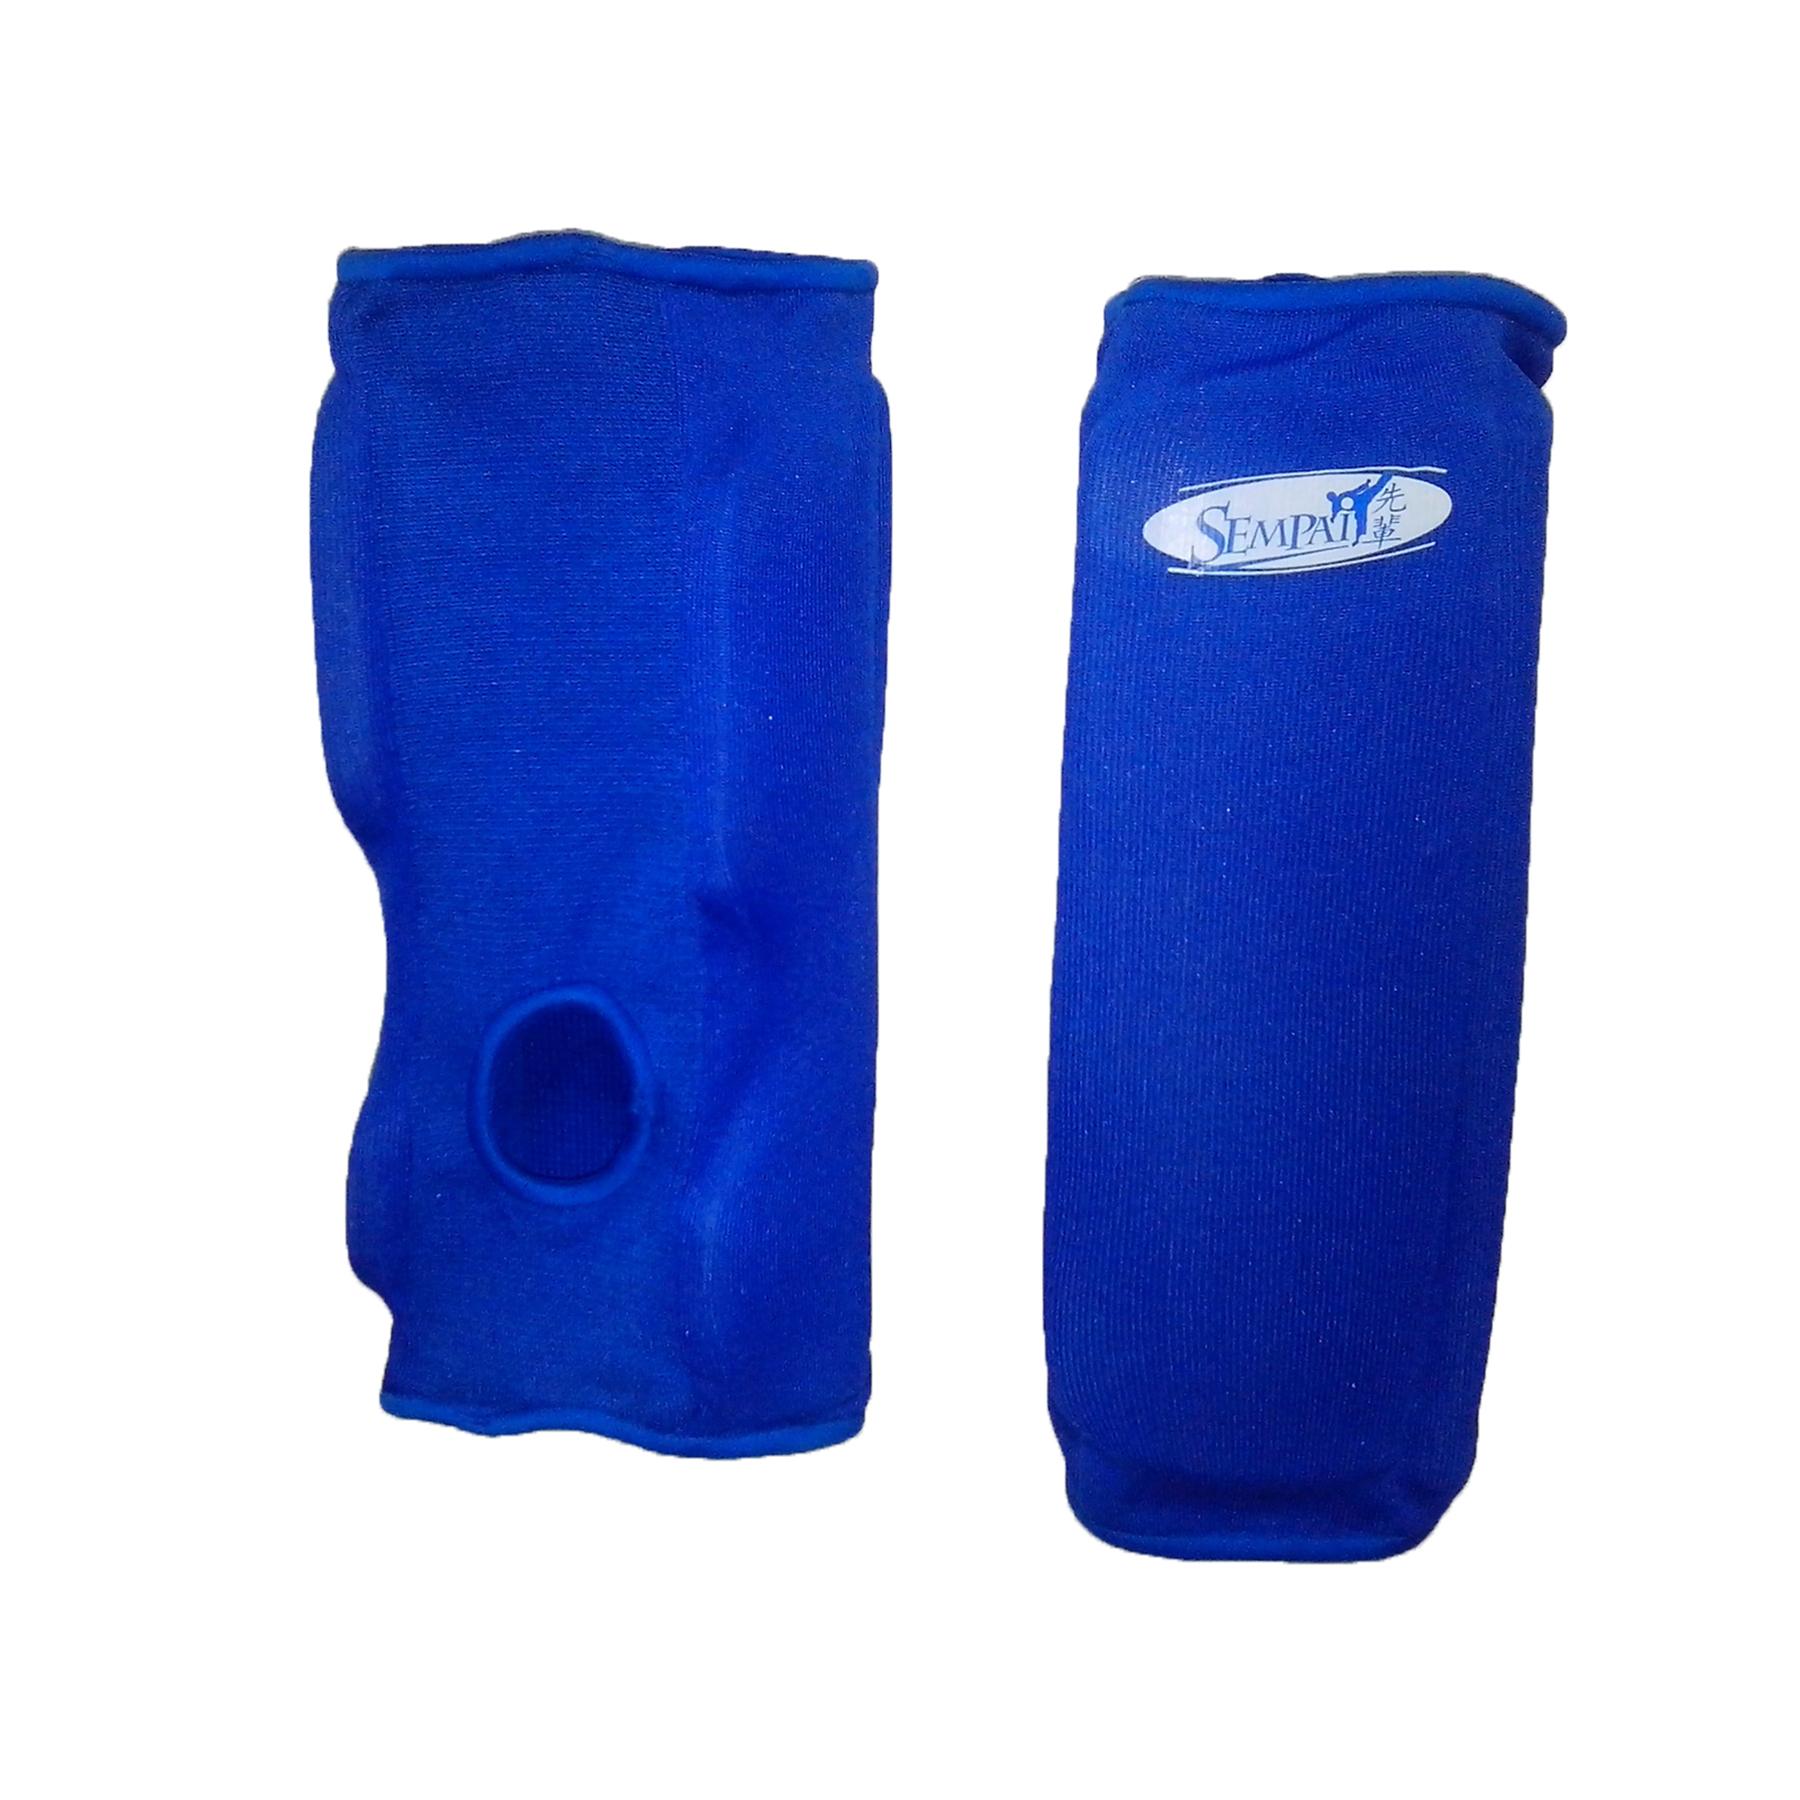 Защита колена и голени Sempai эластичная S104-L/XL-BE синяя УЦЕНКА!!! 5.8